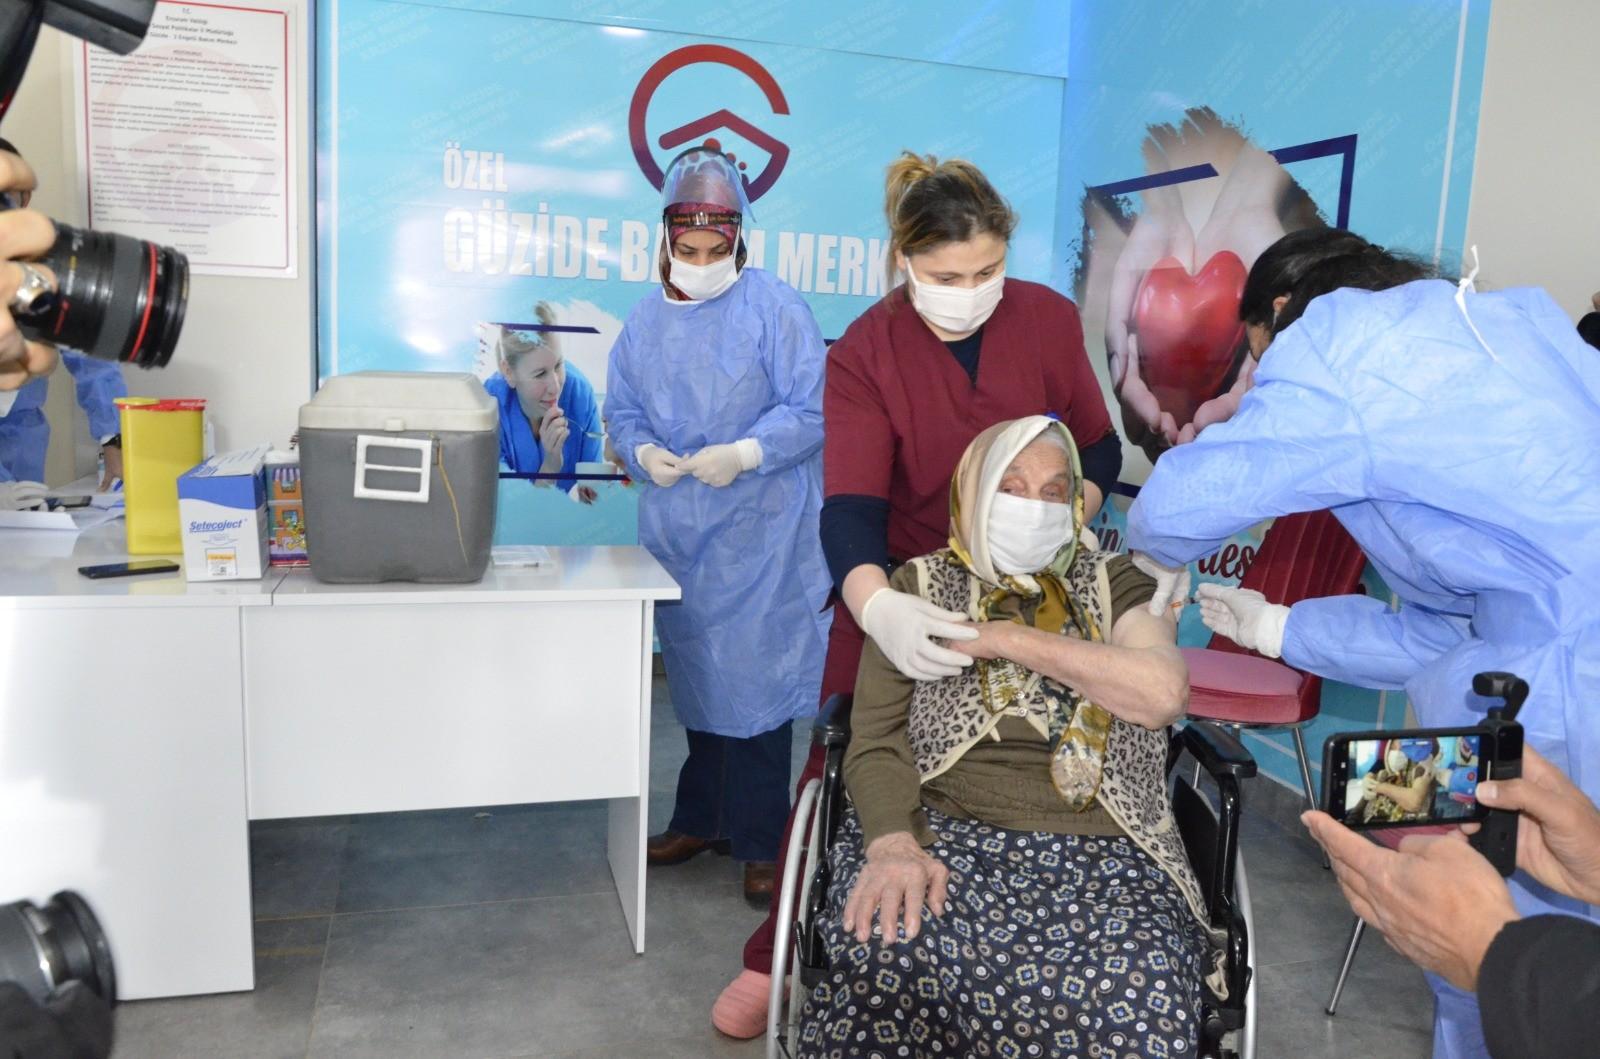 Erzurum'da Bakımevinde kalan yaşlılar aşılanmaya başlandı